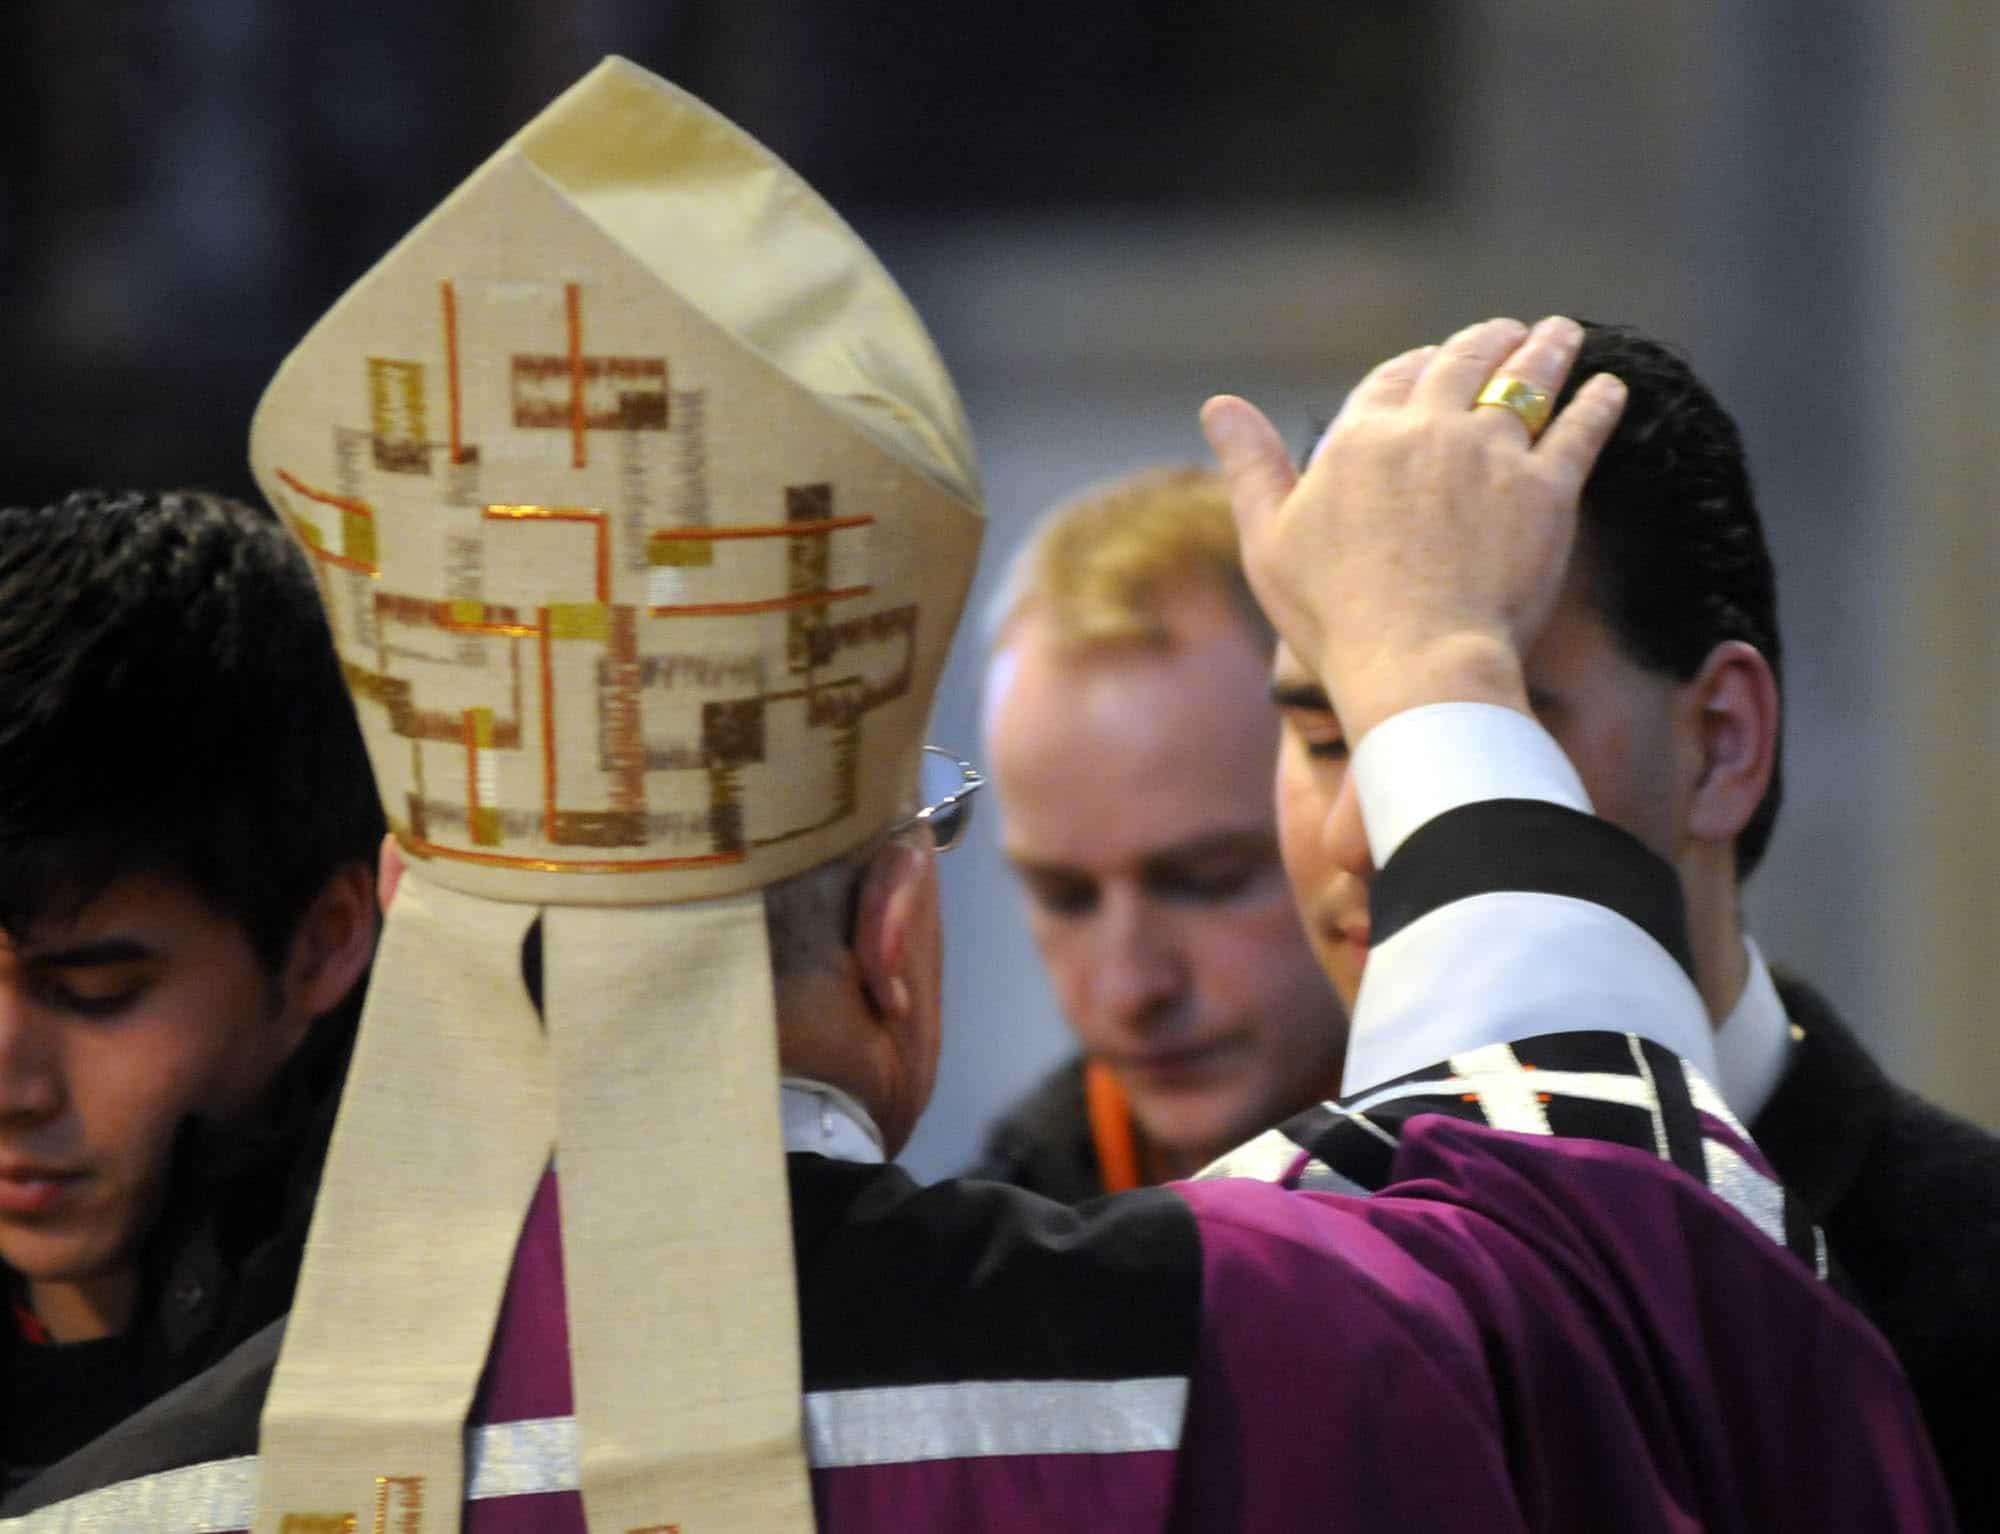 Zulassungsfeier zur Taufe und Firmung mit Weihbischof Theodor Kettmann, Dom, Osnabrück, 10.02.2008